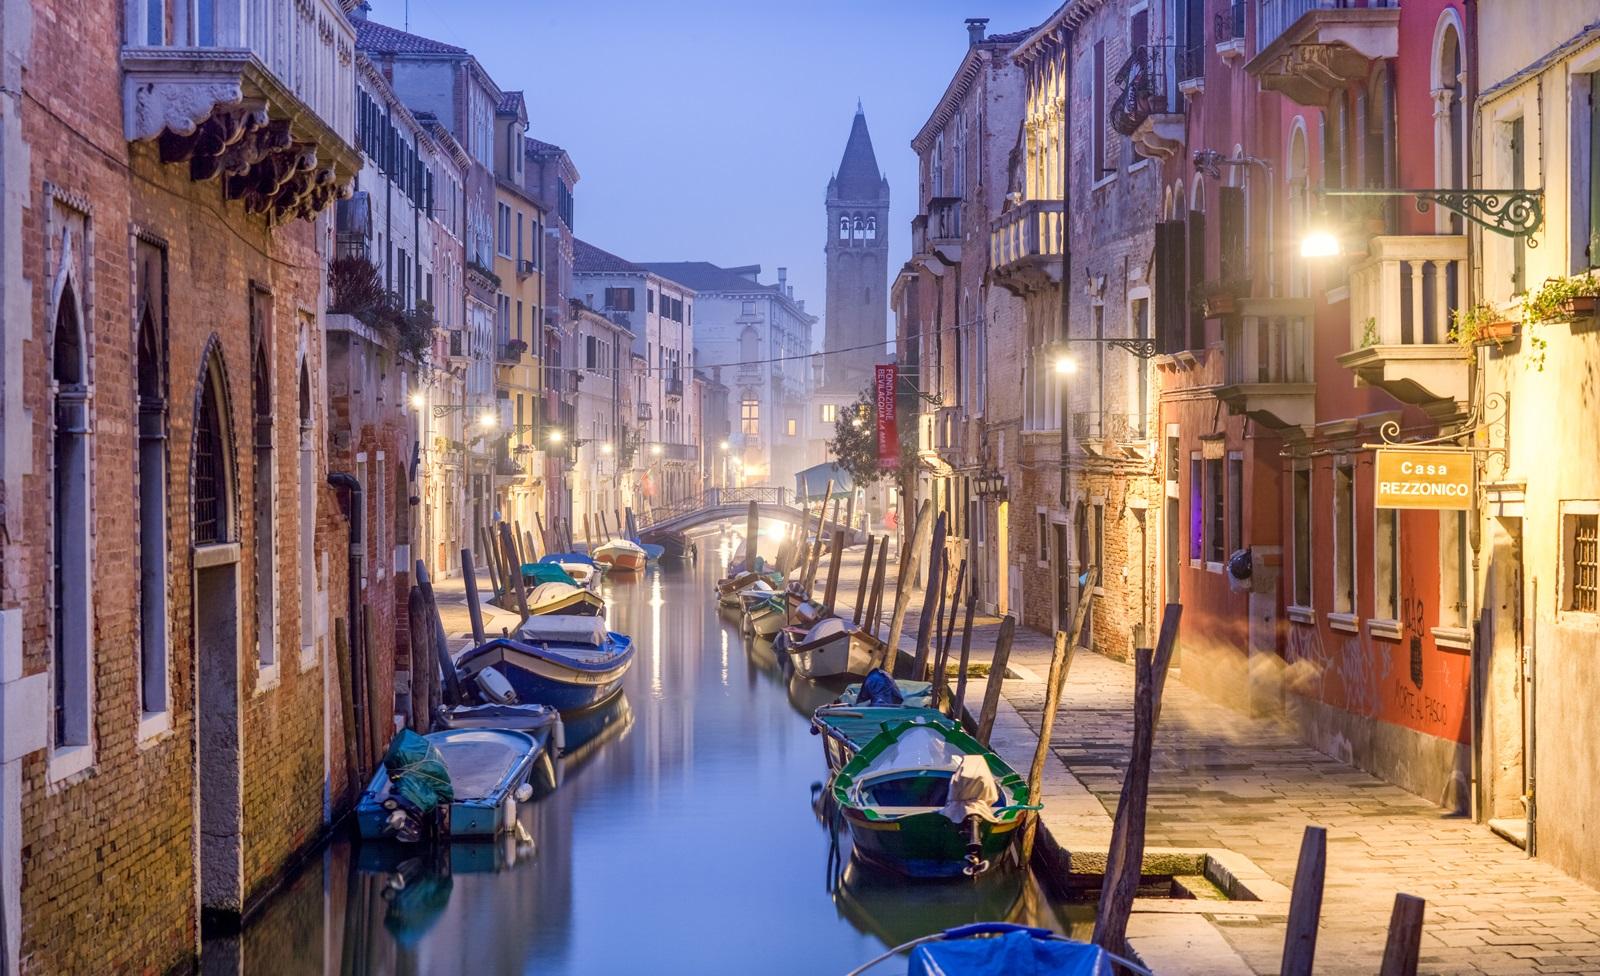 Suggerimenti su Venezia: Consigli per la città lagunare